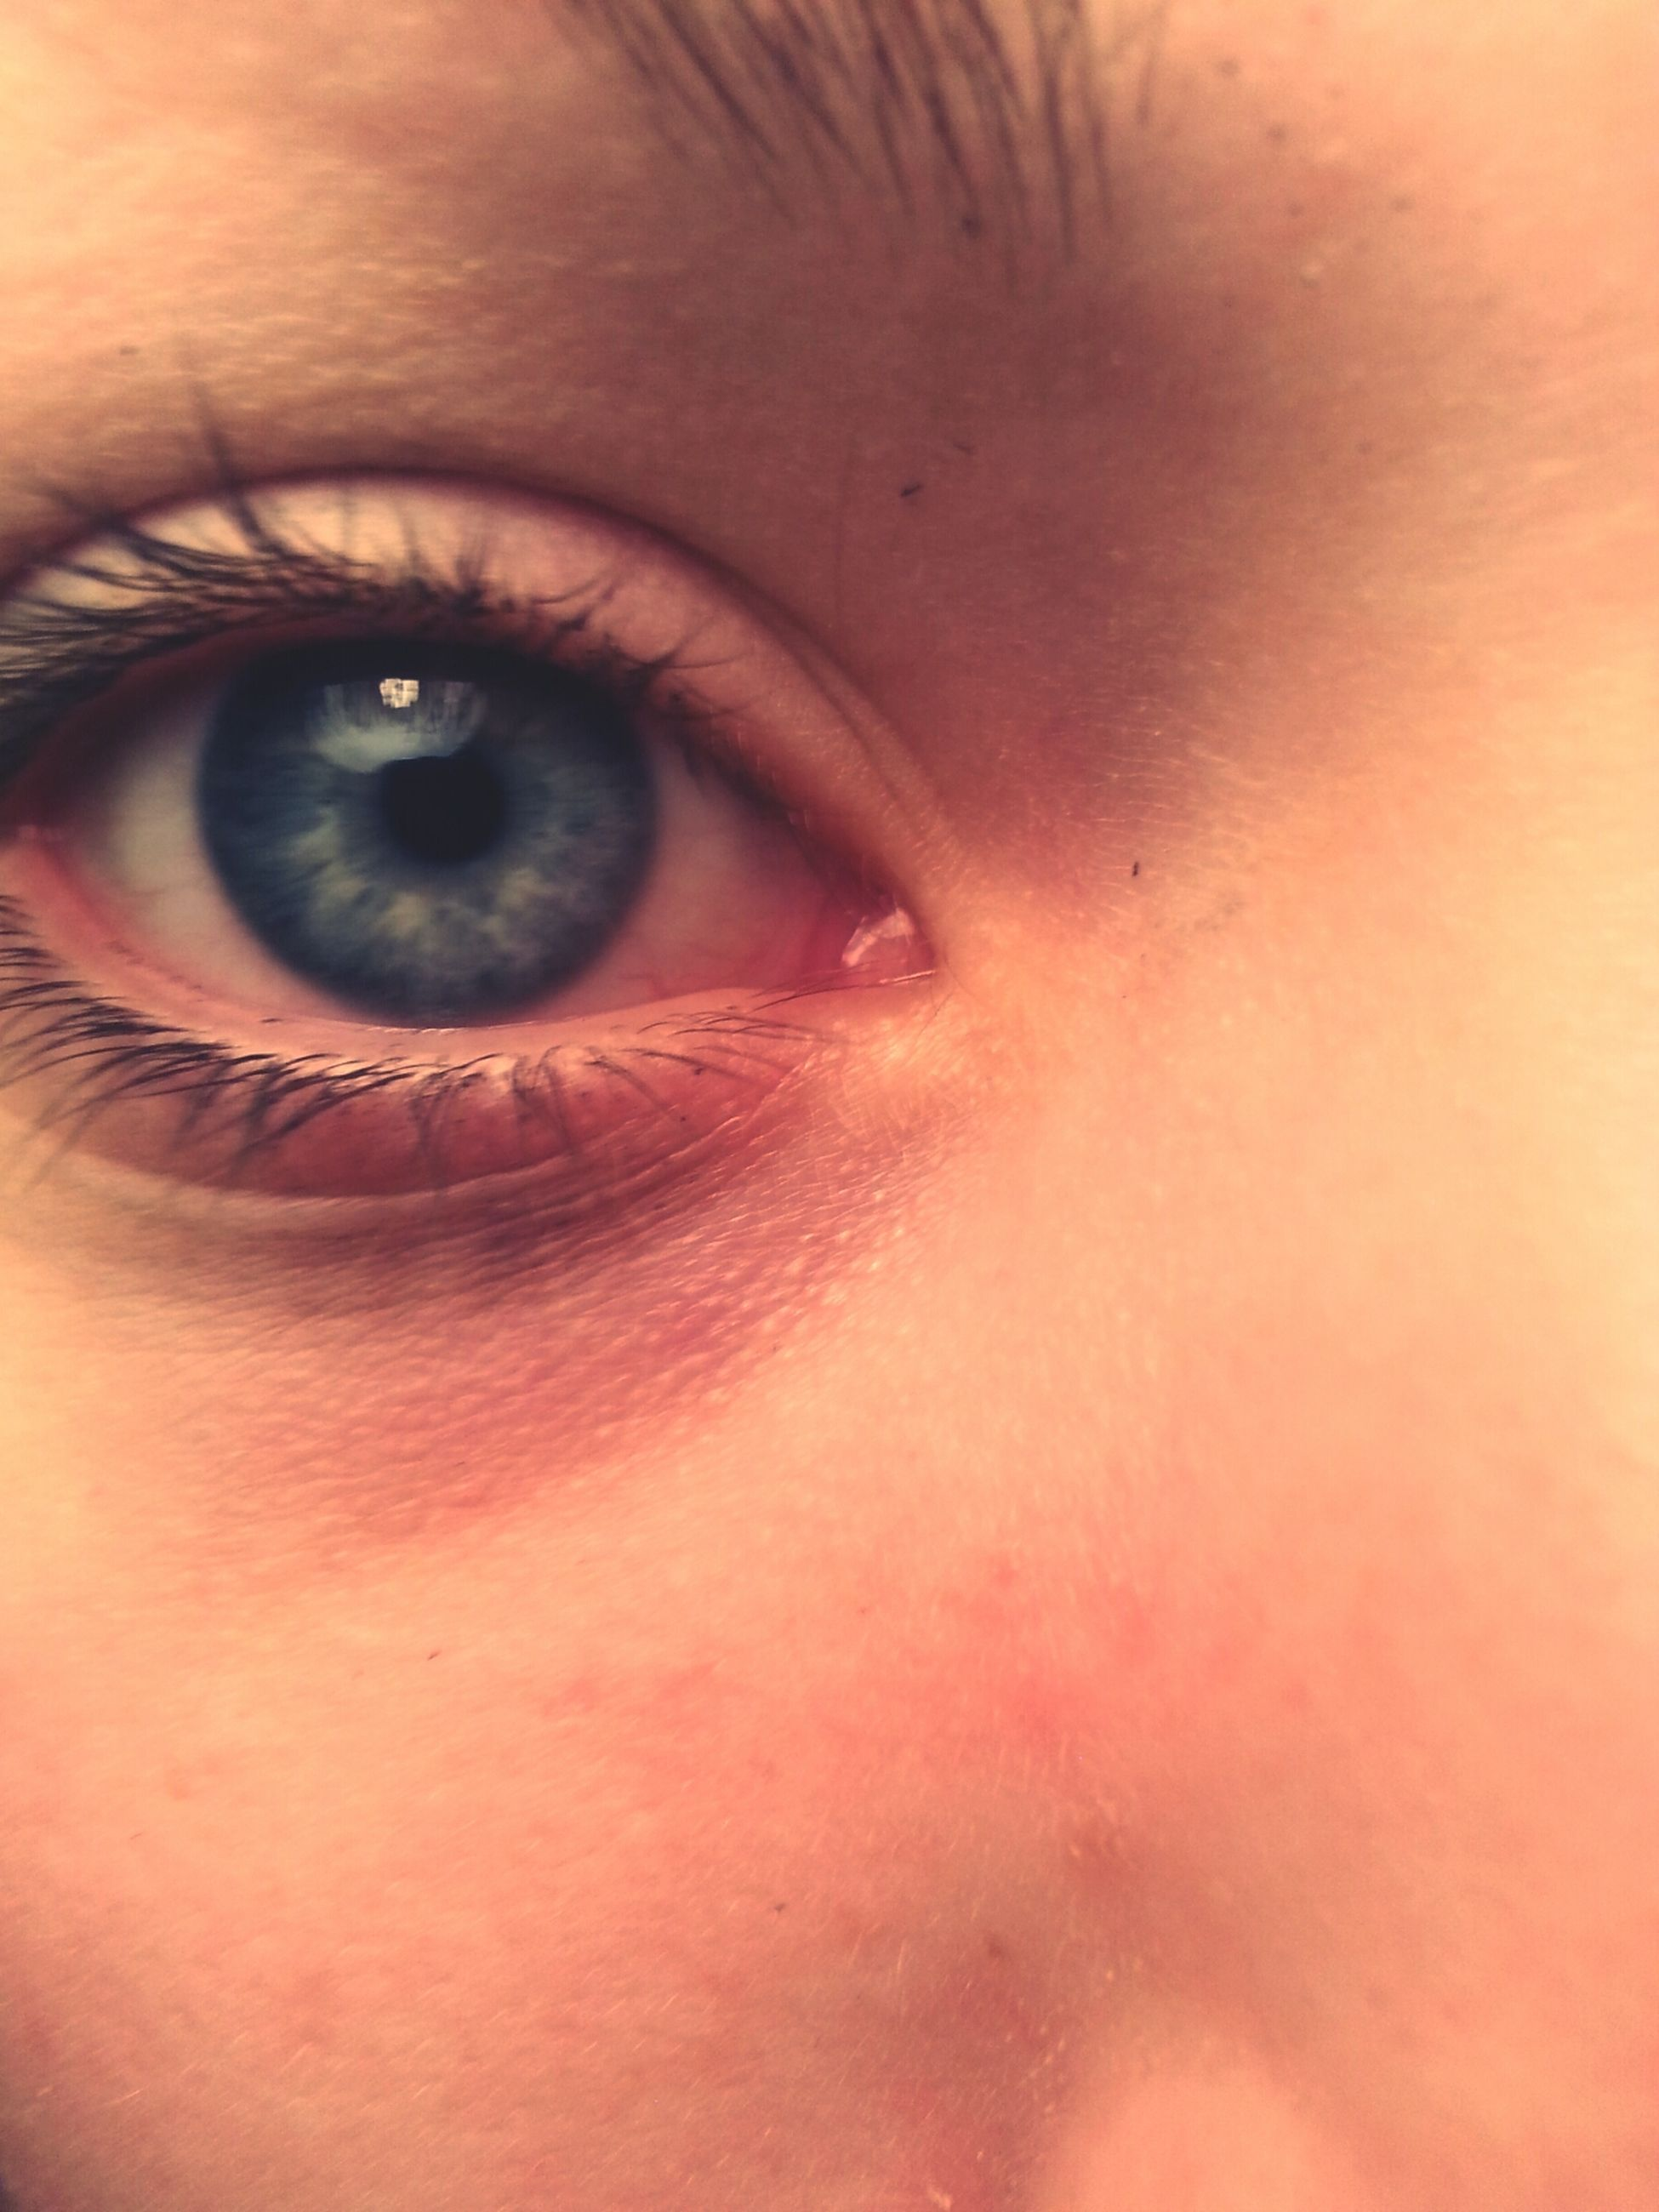 human eye, indoors, close-up, eyelash, eyesight, extreme close-up, looking at camera, portrait, full frame, part of, sensory perception, backgrounds, extreme close up, human skin, iris - eye, eyeball, human face